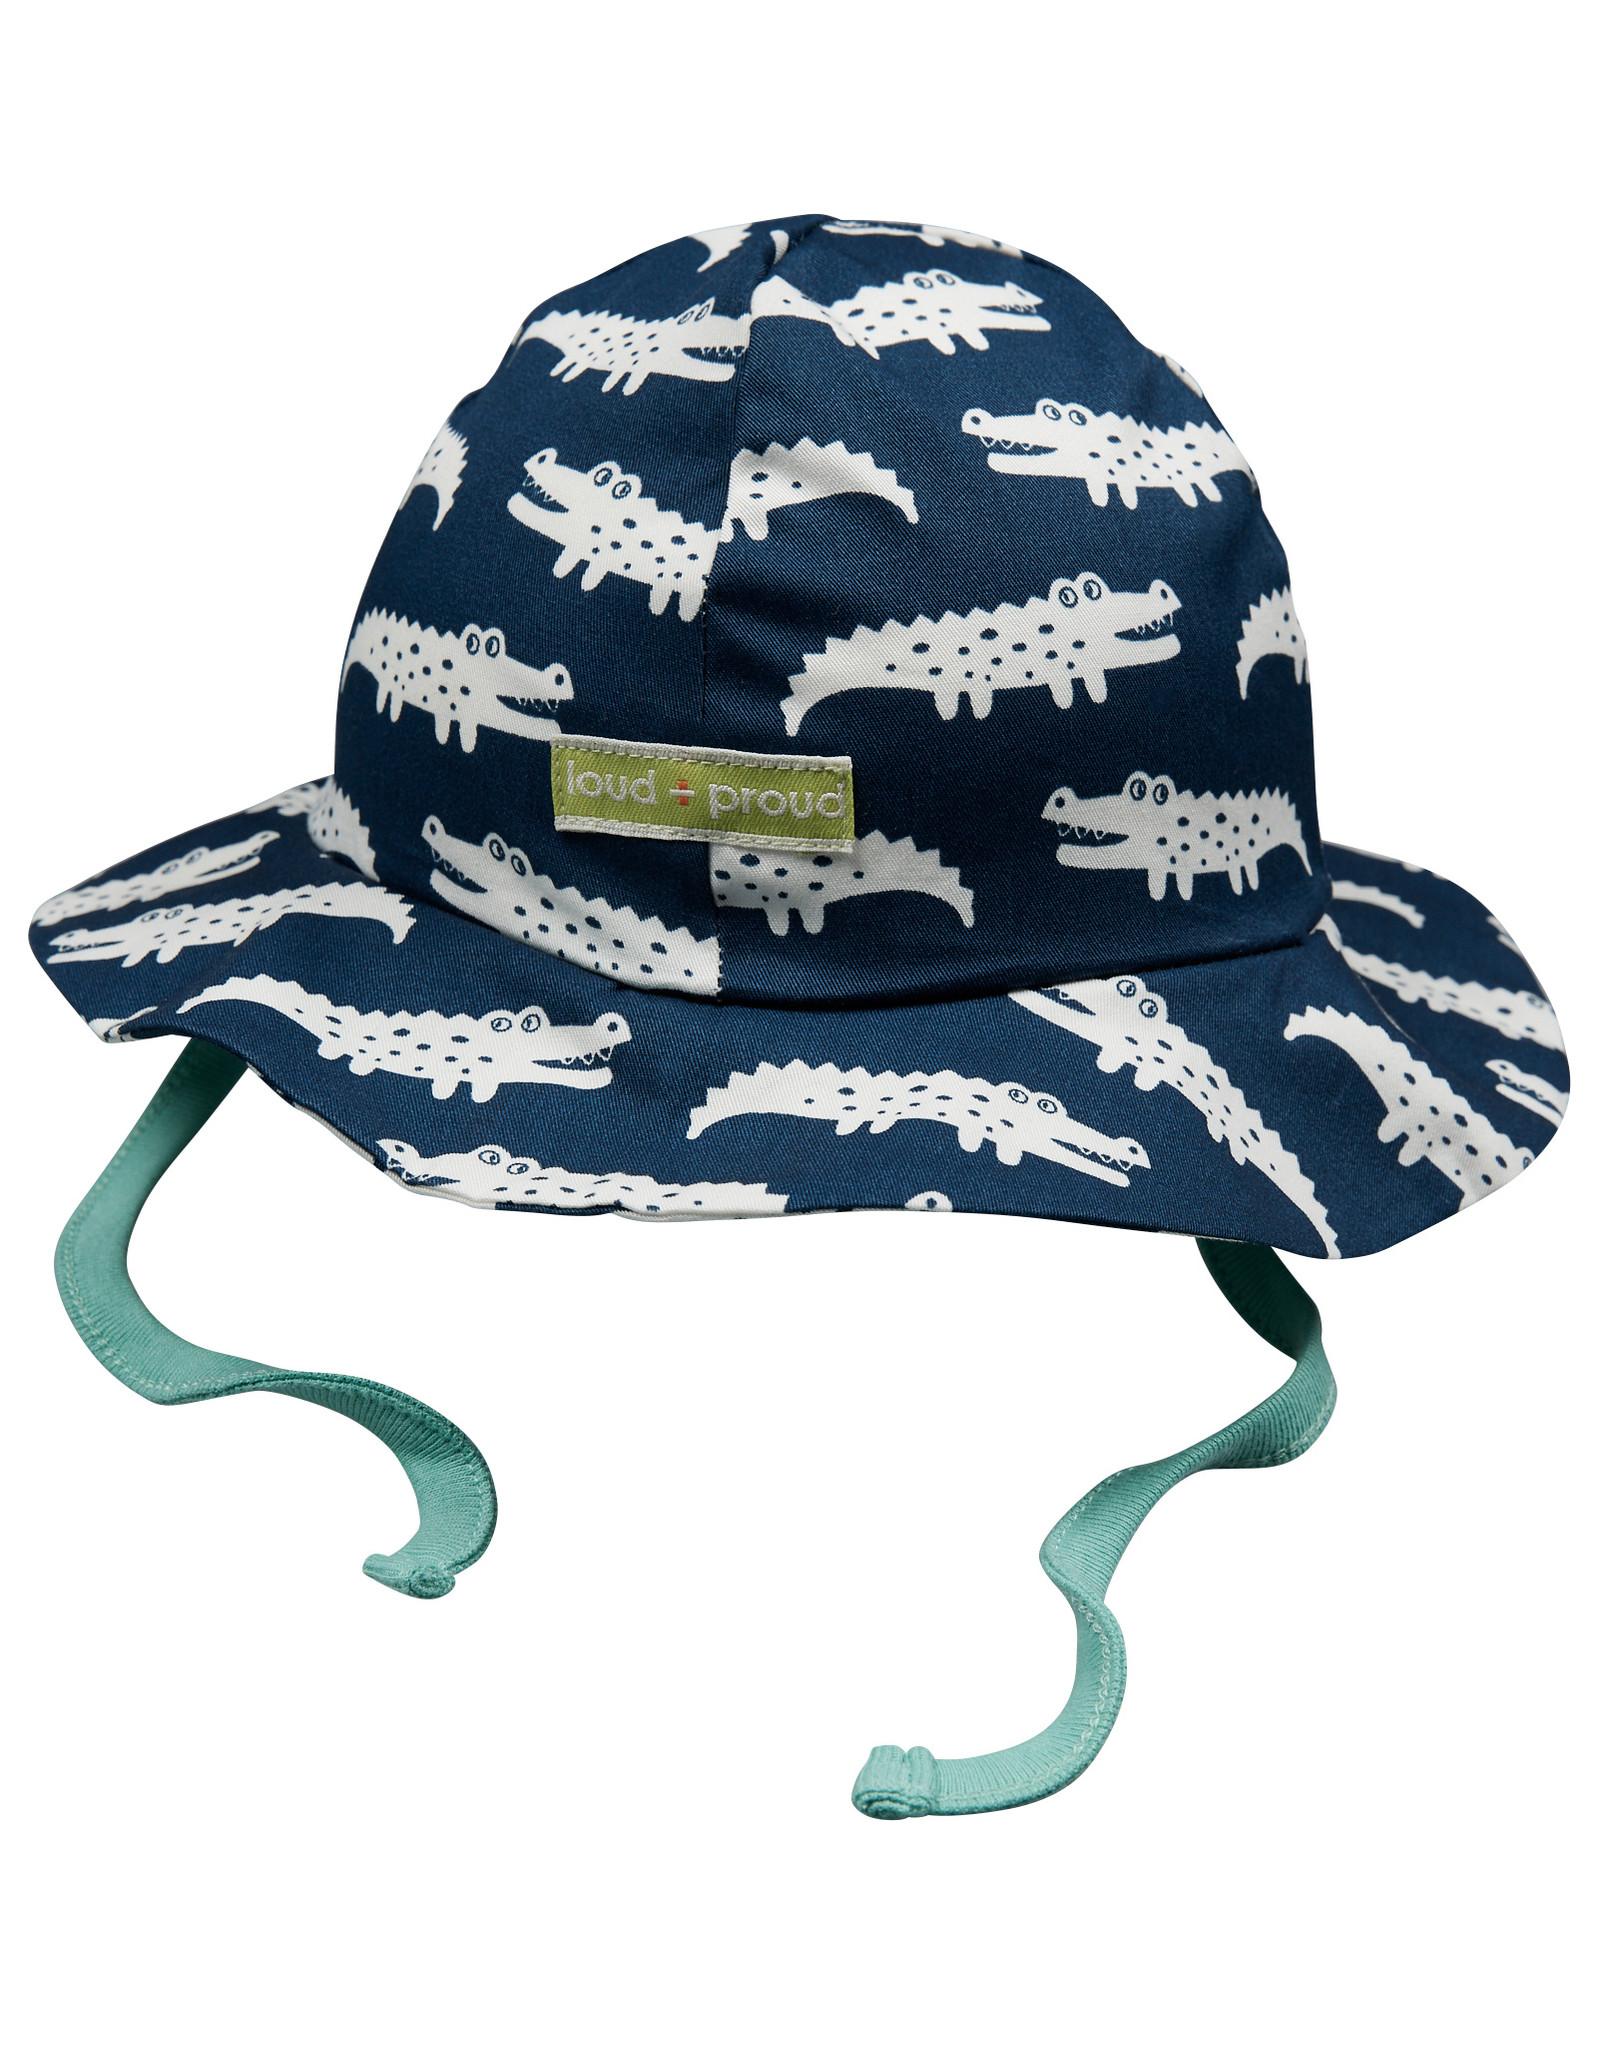 loud+proud Kinder zomerhoedje - blauwe krokodillen